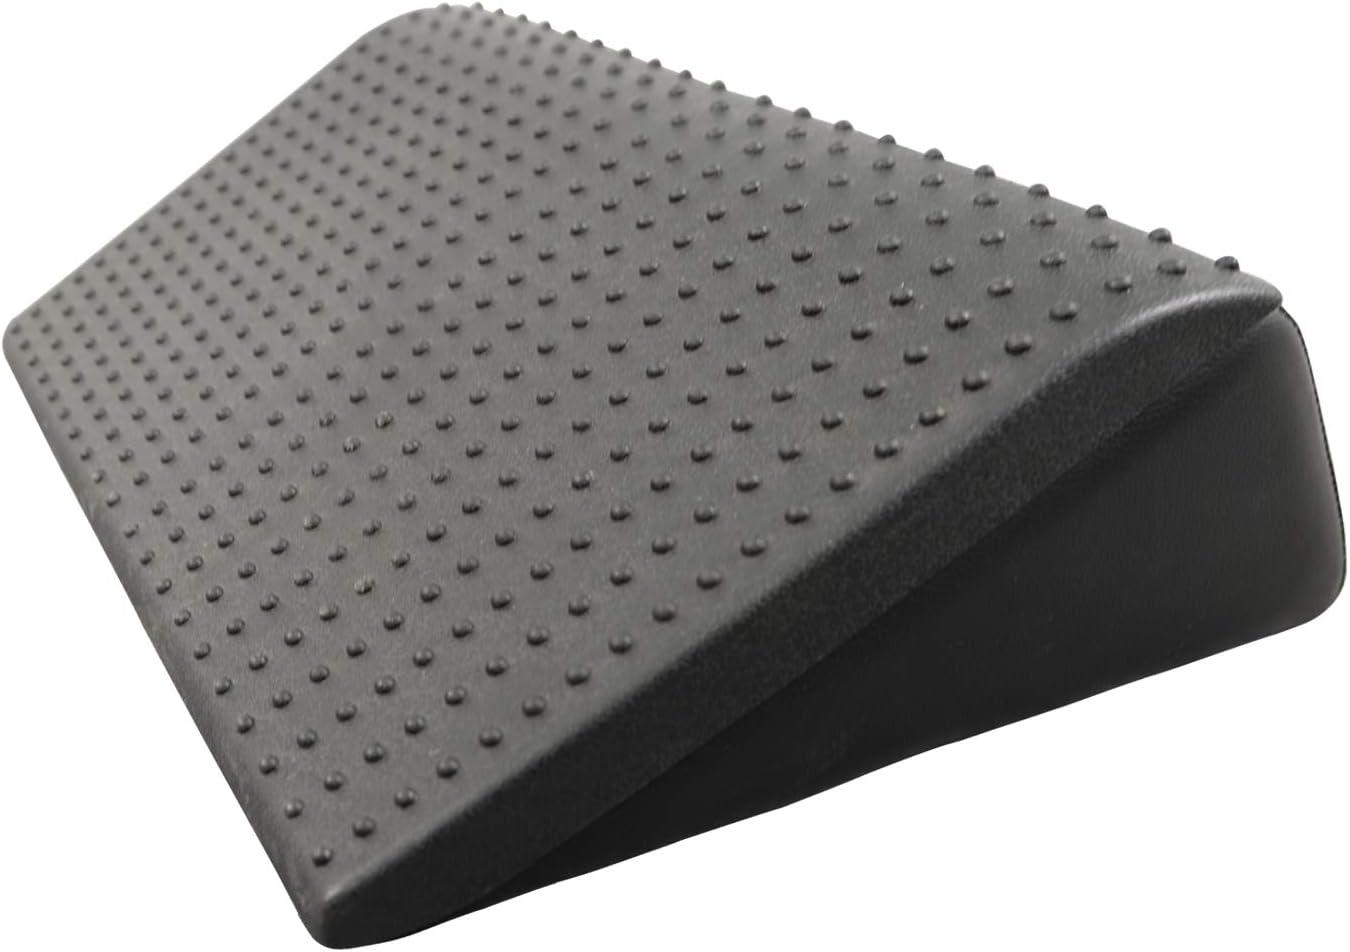 Ronda AIMEZO Alfombrilla de Escritorio de pie Tablero de Equilibrio Ergon/ómico Antifatiga de pie